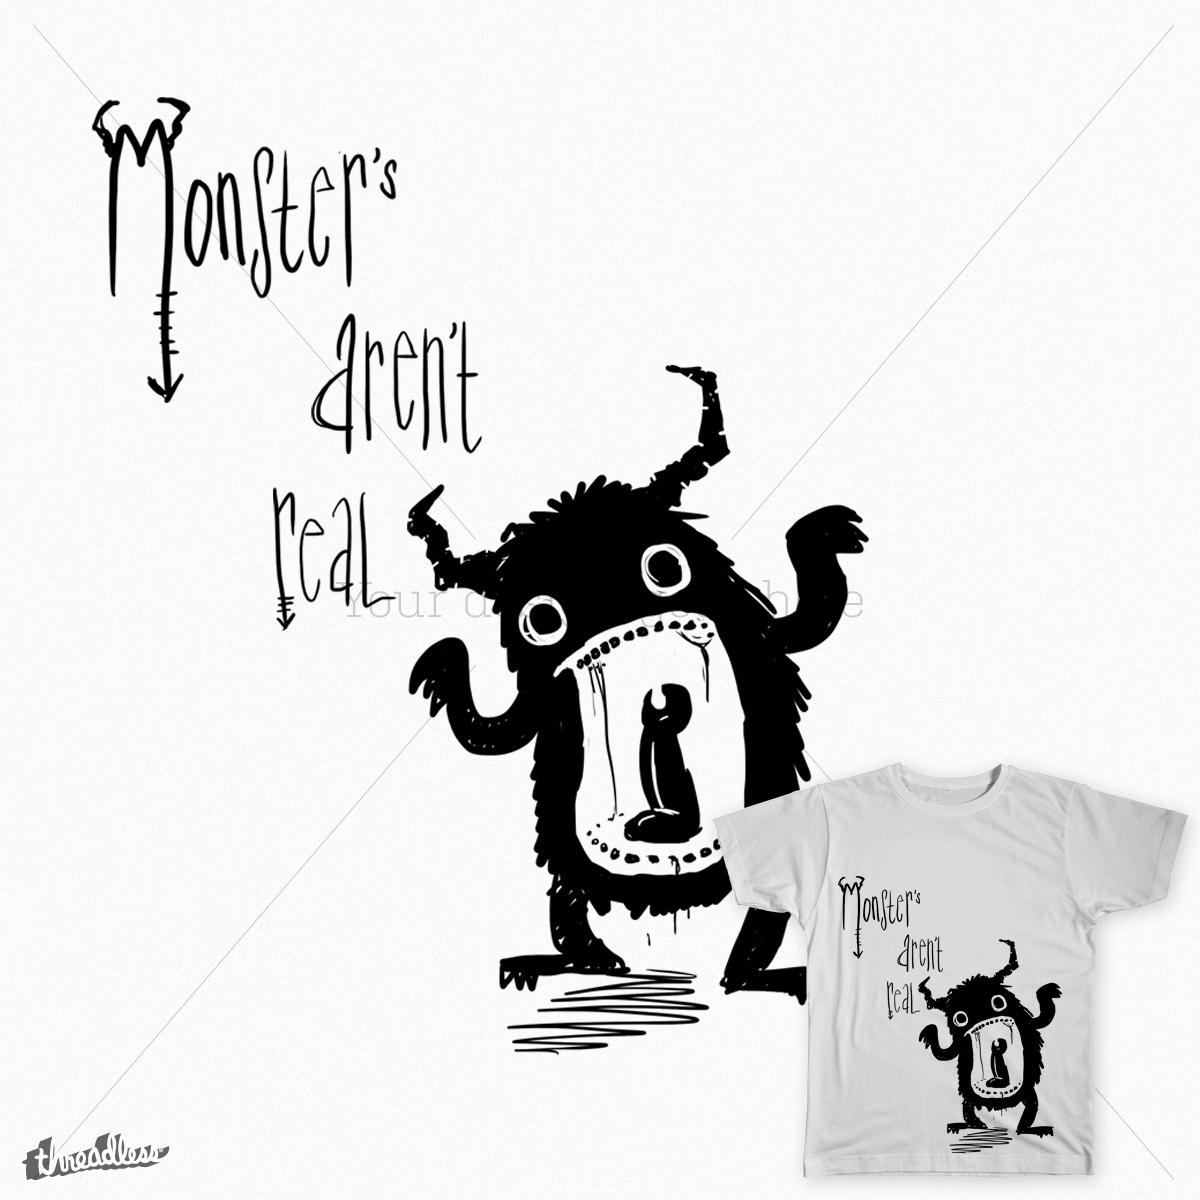 Monsters aren't real by Linnemann on Threadless